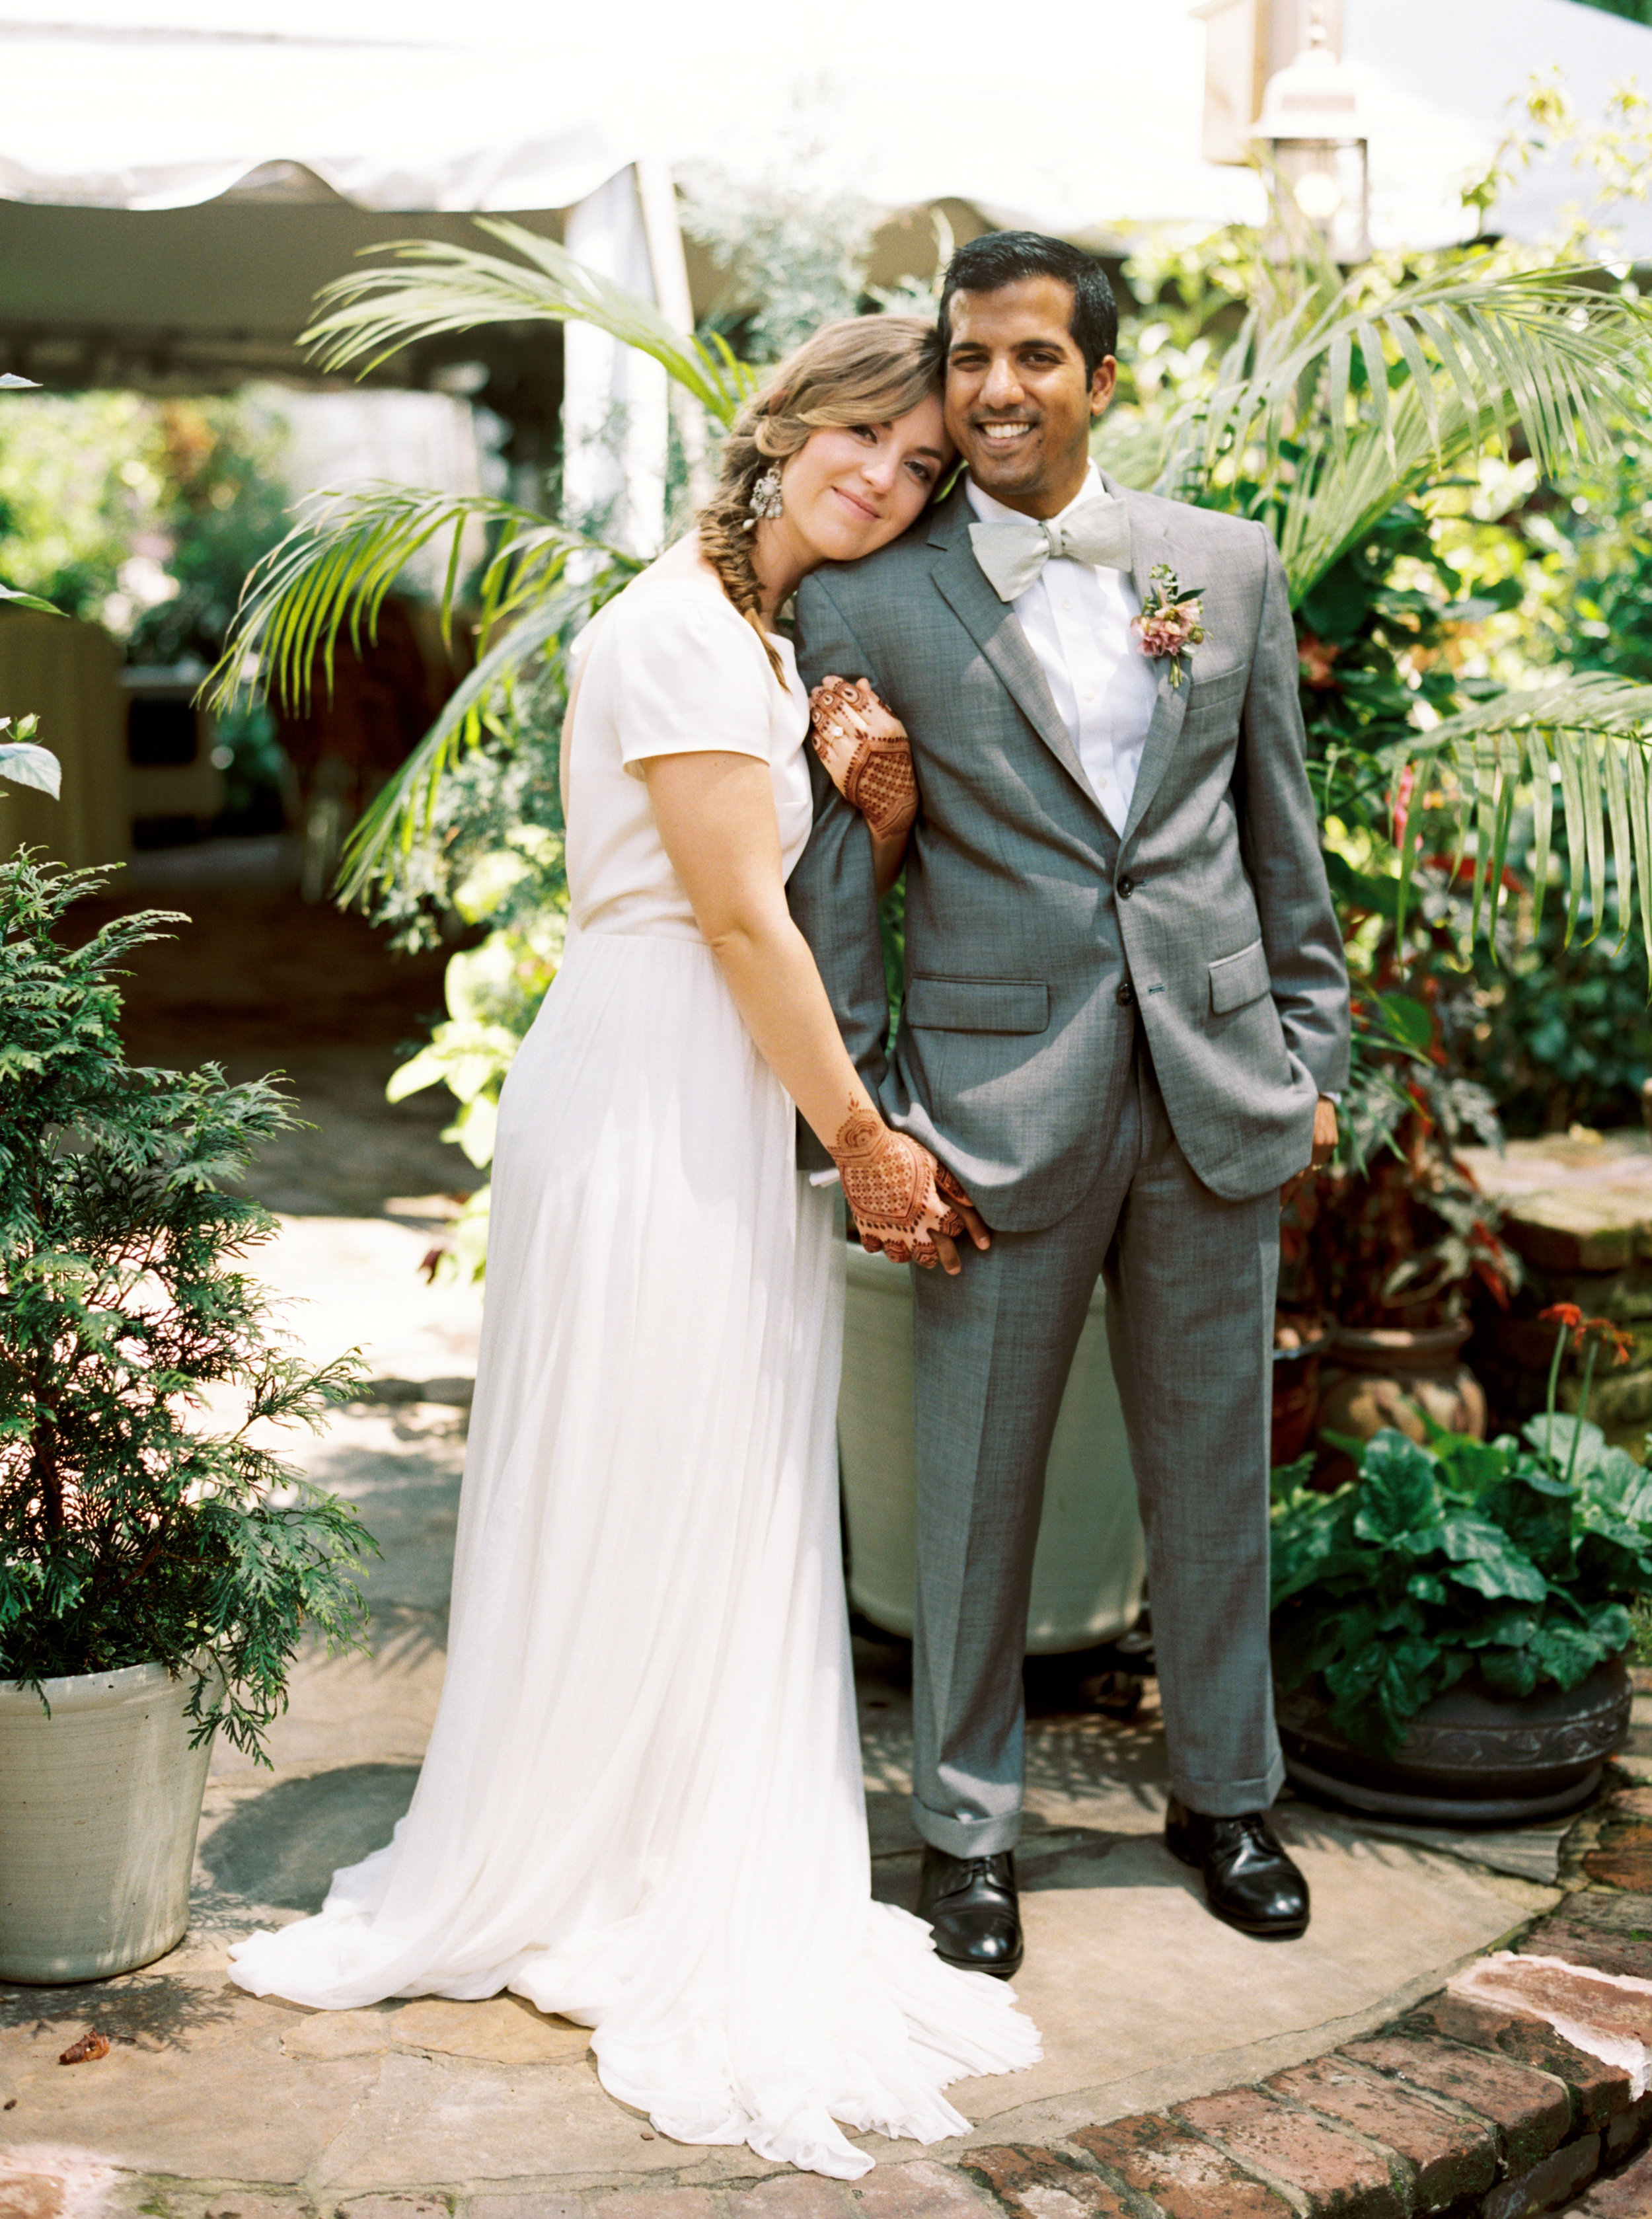 Wahoo_Grill_Atlanta_Indian_Wedding_Abigail_Malone_Photgoraphy_FIlm-37.jpg